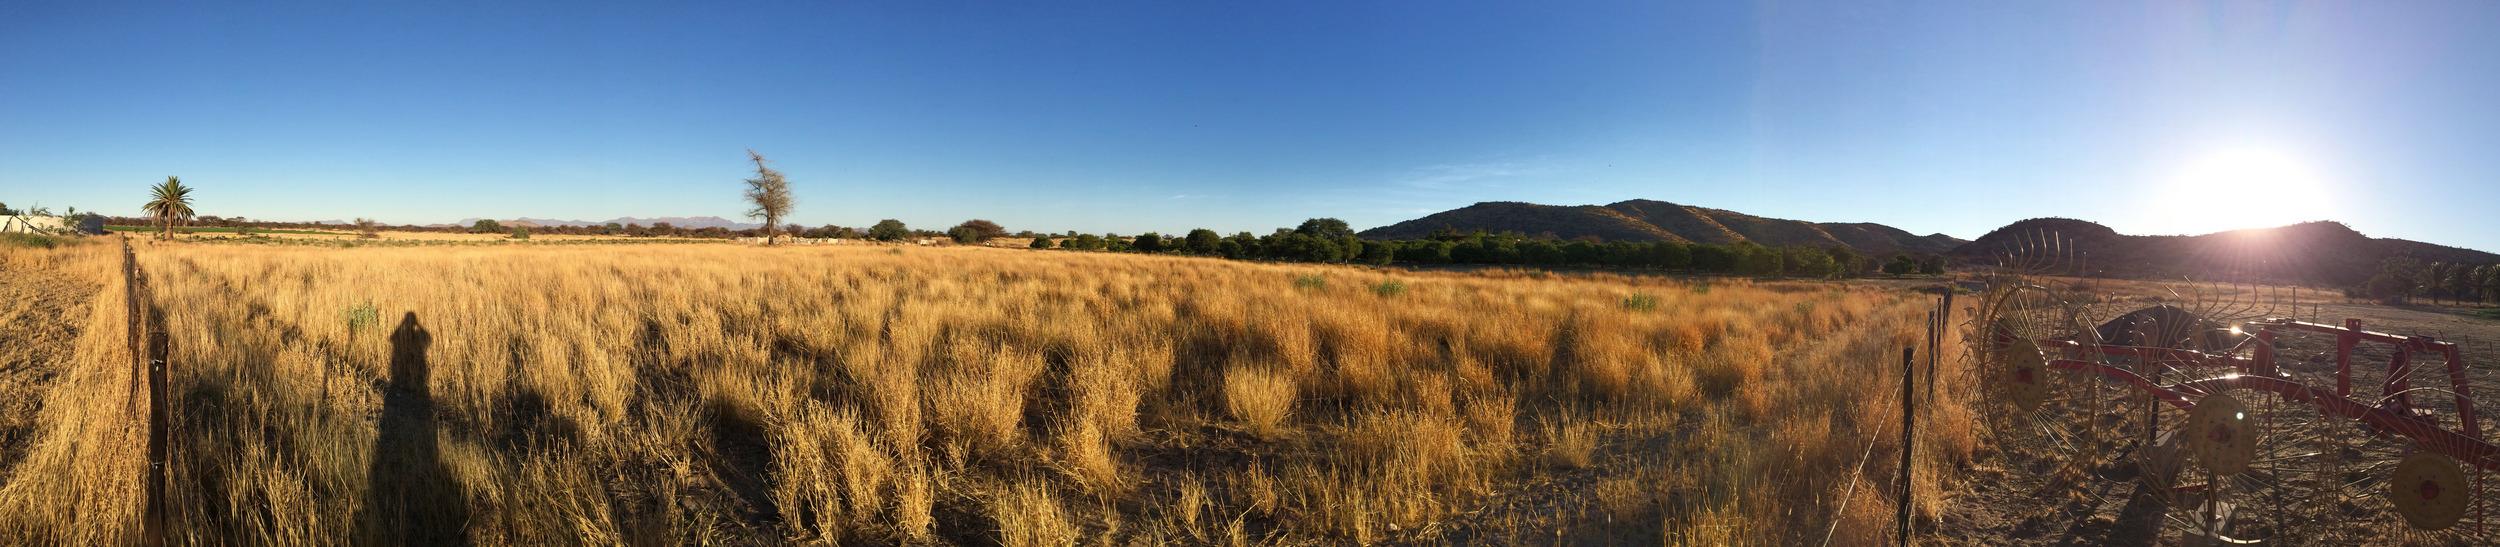 Field trial field